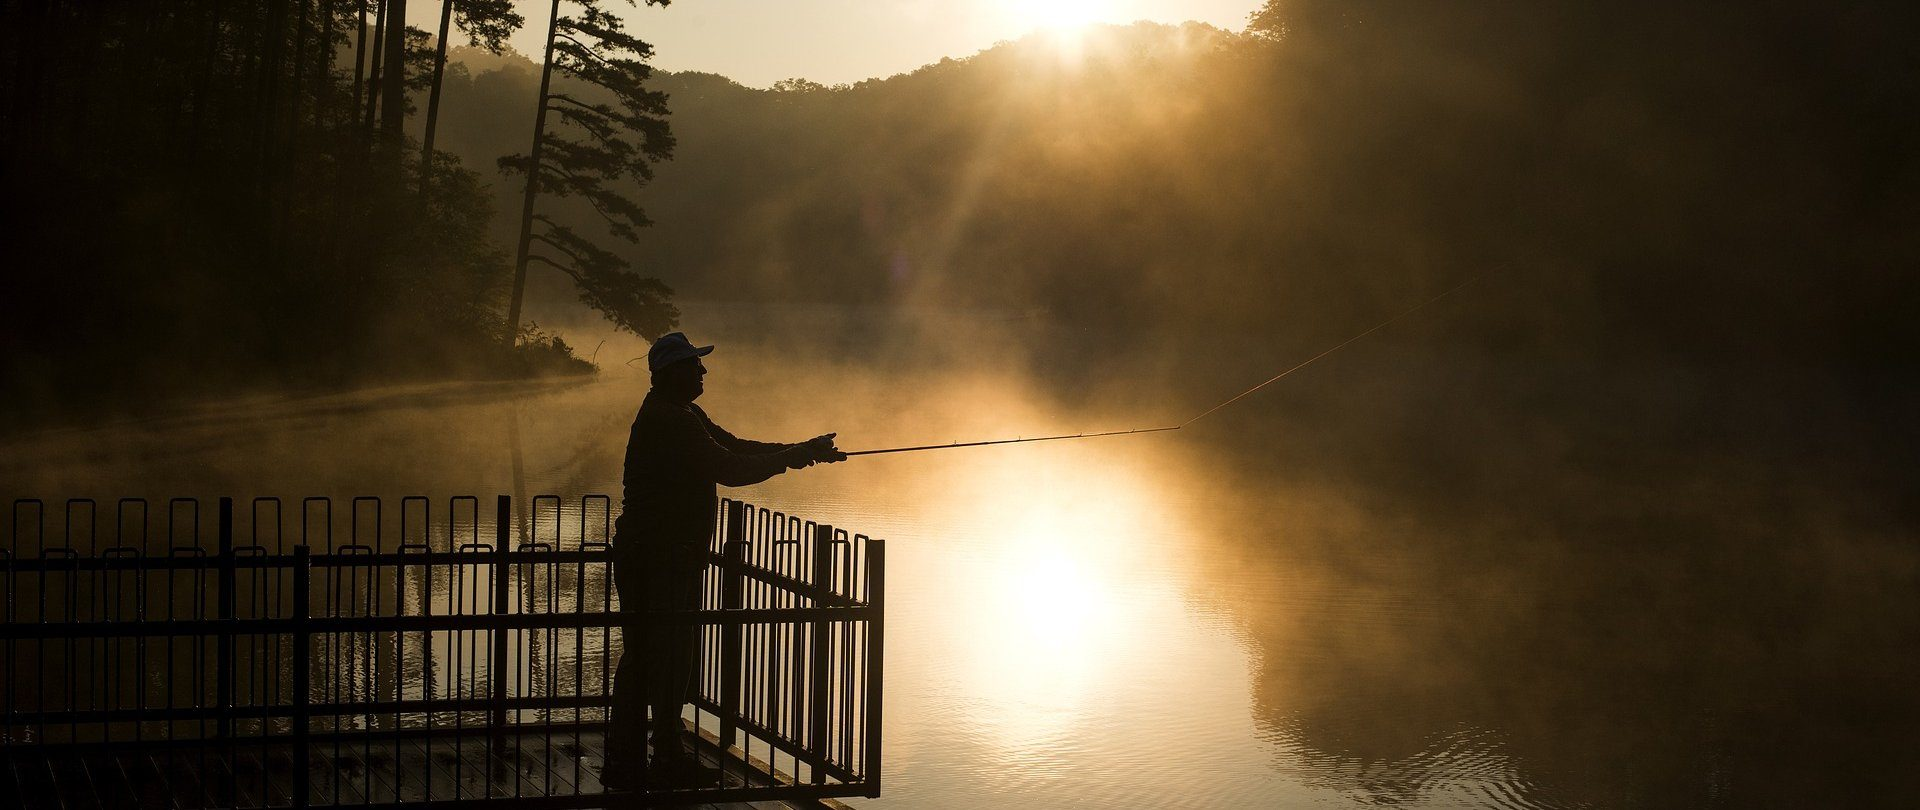 Rybne bogactwo - Odkryj raj dla wędkarzy